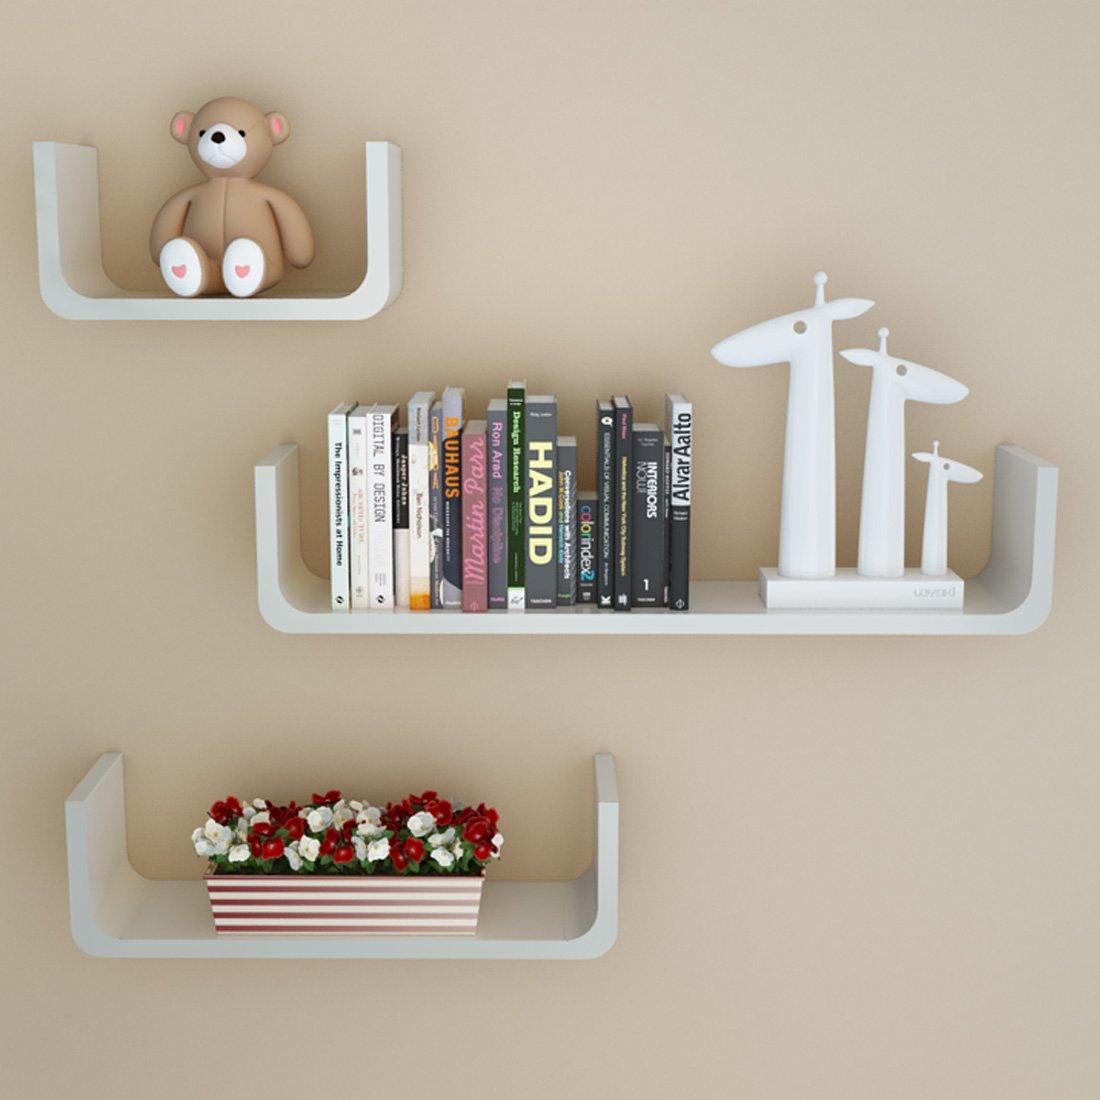 Rerii Floating Shelves, Set of 3 Floating U Shape, Wall Mounted Decorative Shelves, Display Ledges for Picture Frames Book, Storage Shelf for Living Room Bedroom Bathroom